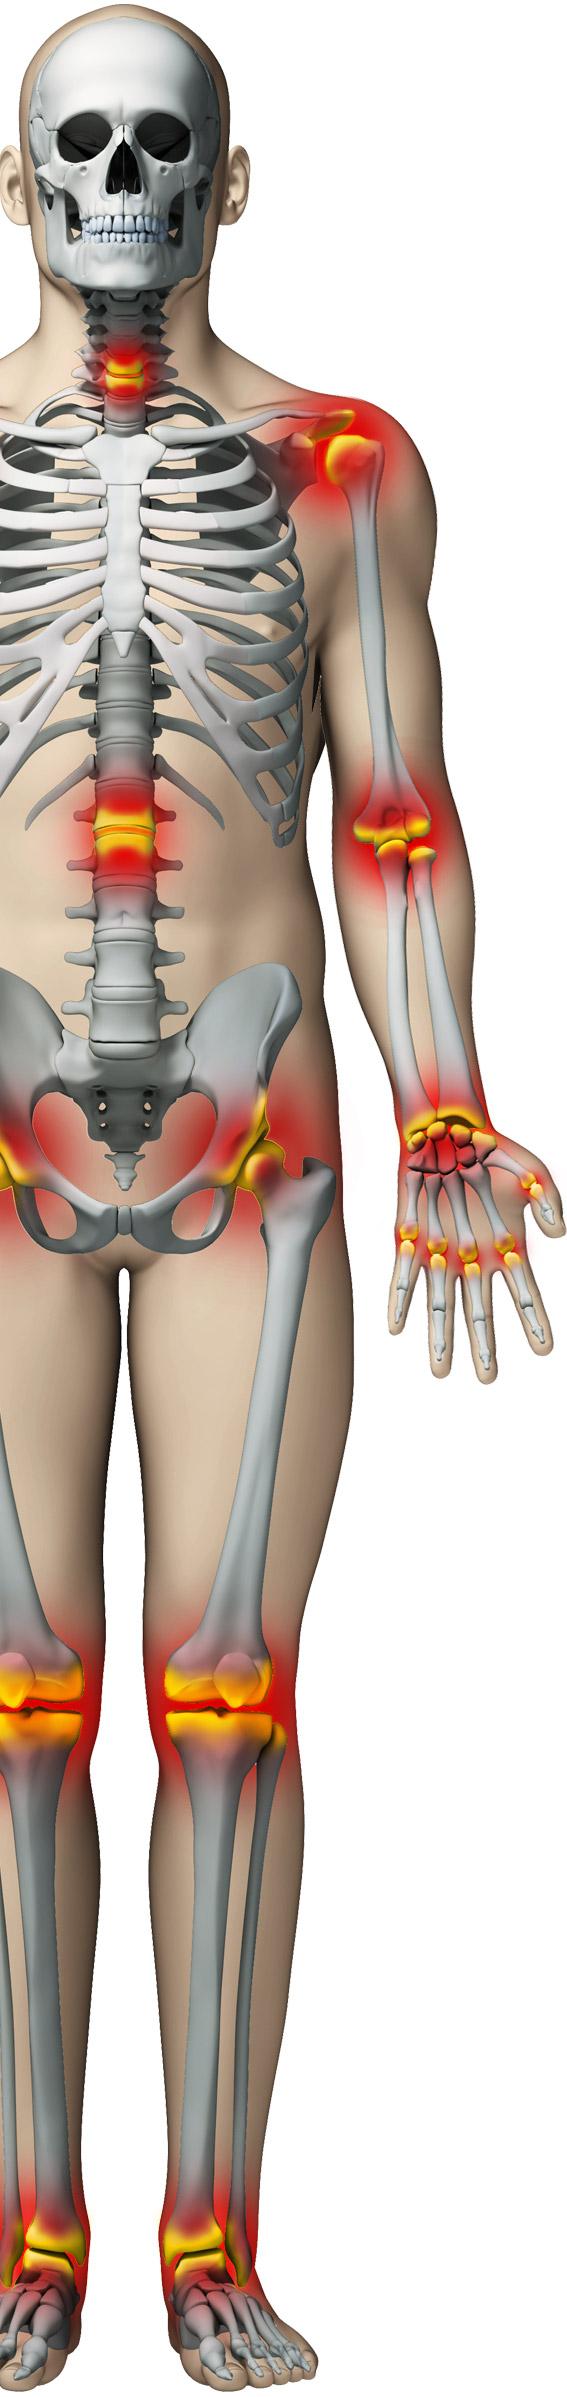 dureri articulare cu tensiune